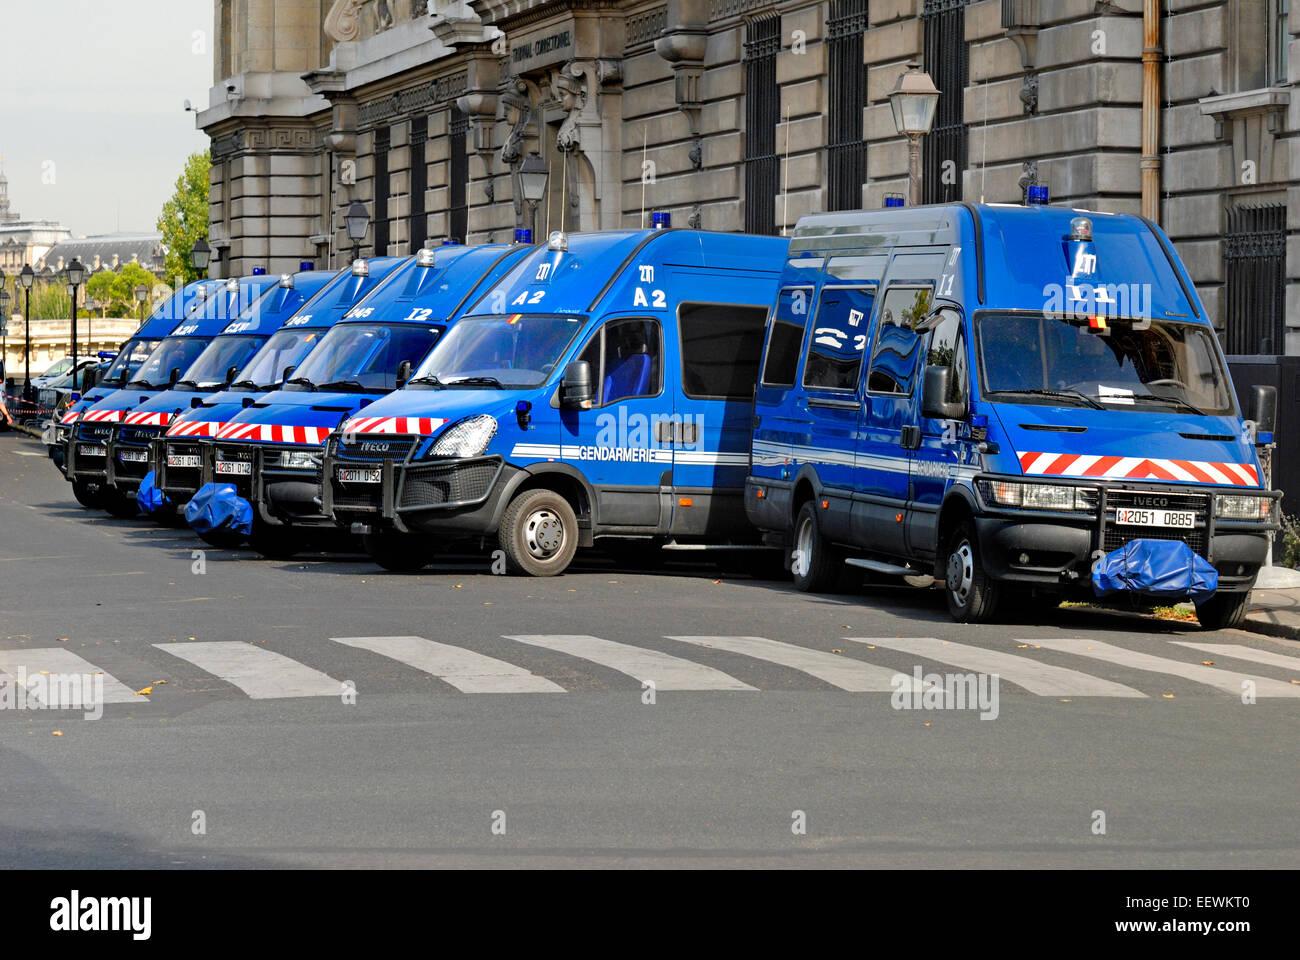 Paris, France. Vans of the Gendarmerie (police) on Isle de la Cite - Stock Image